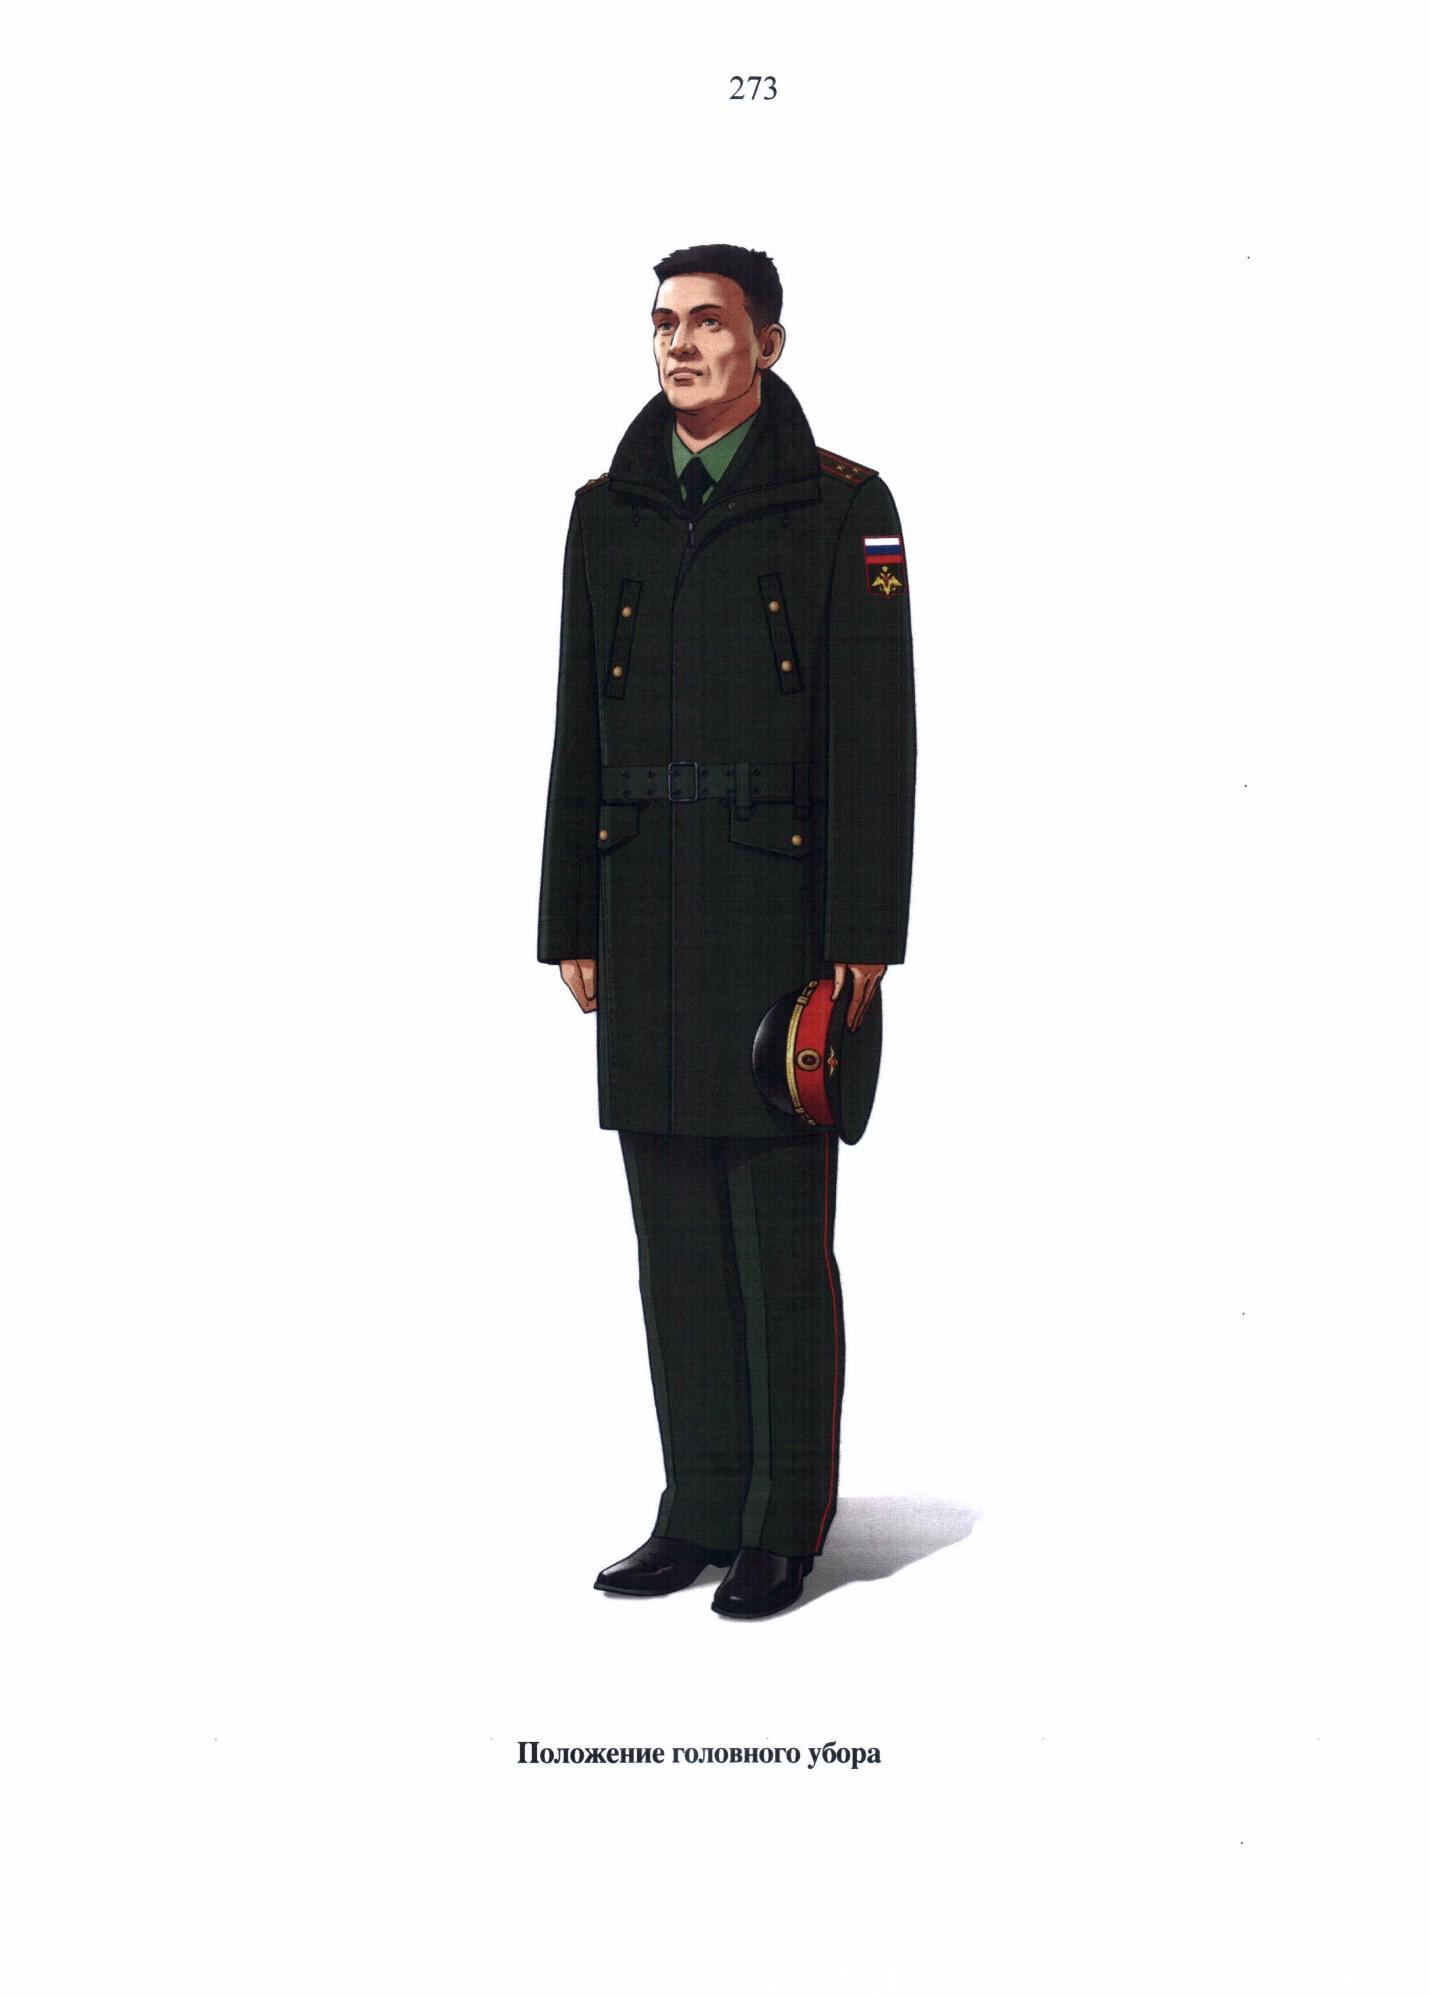 C:\Users\User\Desktop\Приказ МО РФ от 22.06.2015 г. № 300 Правила ношения военной формы одежды\184206.JPG